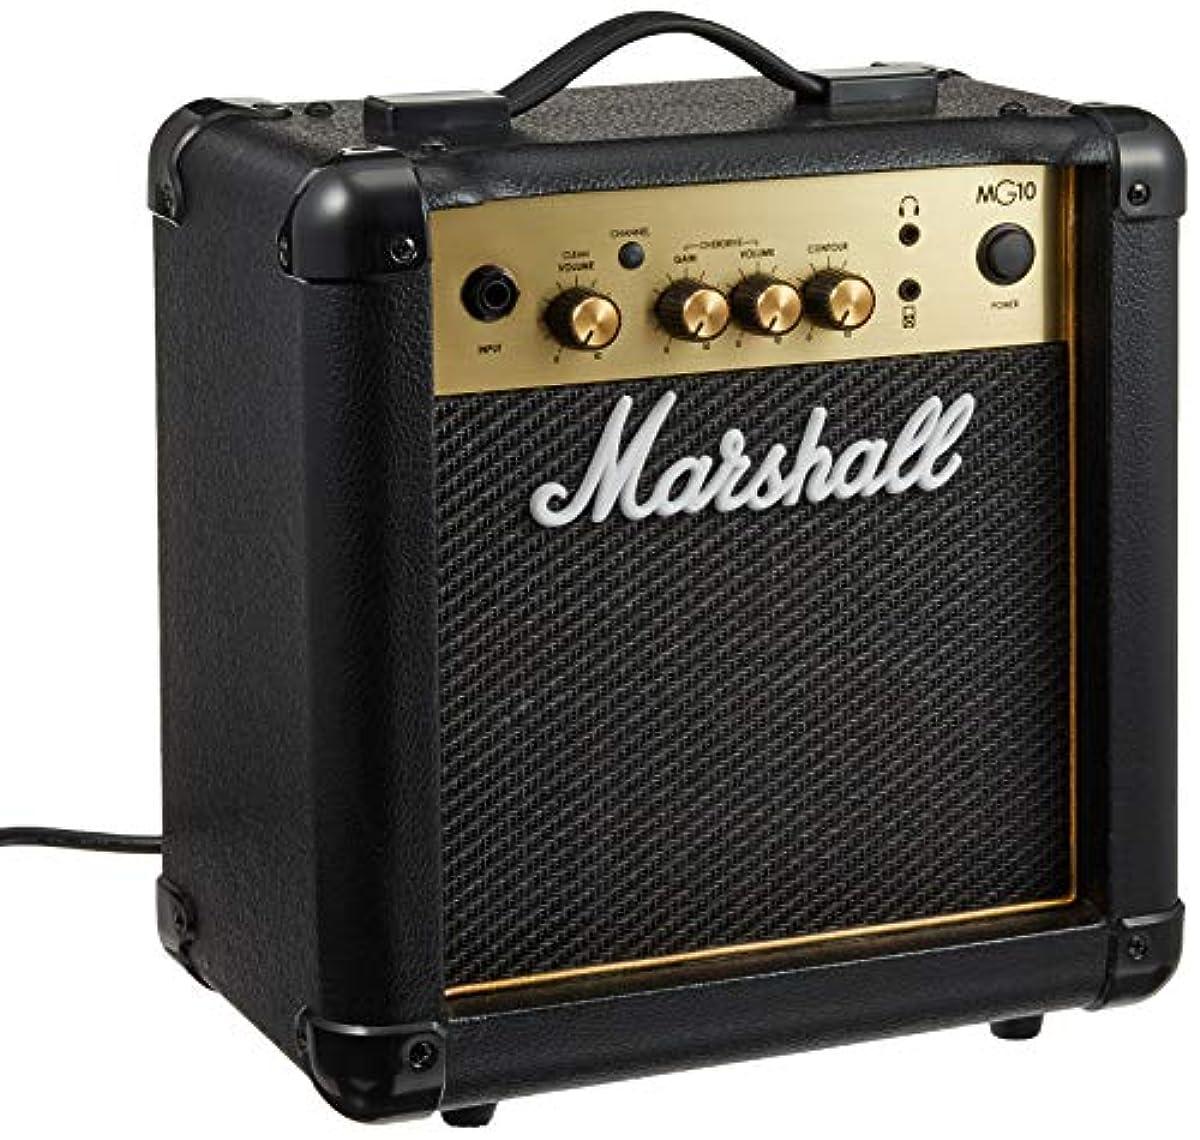 [해외] MARSHALL 마샬 기타 앰프 콤보 MG10 GOLD